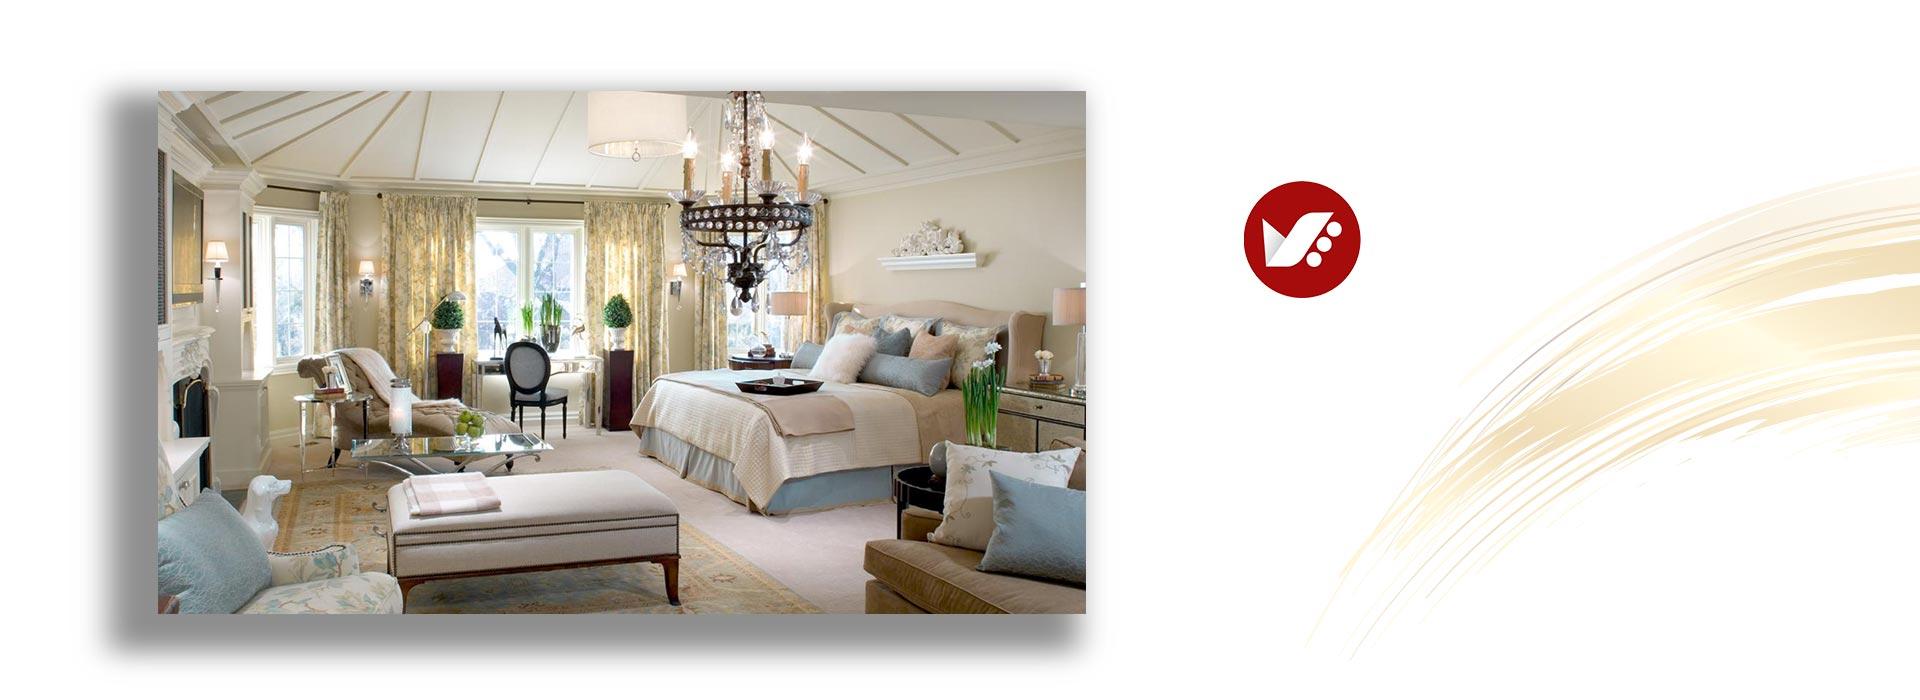 bedroom interior bed - تغییر دکوراسیون اتاق خواب